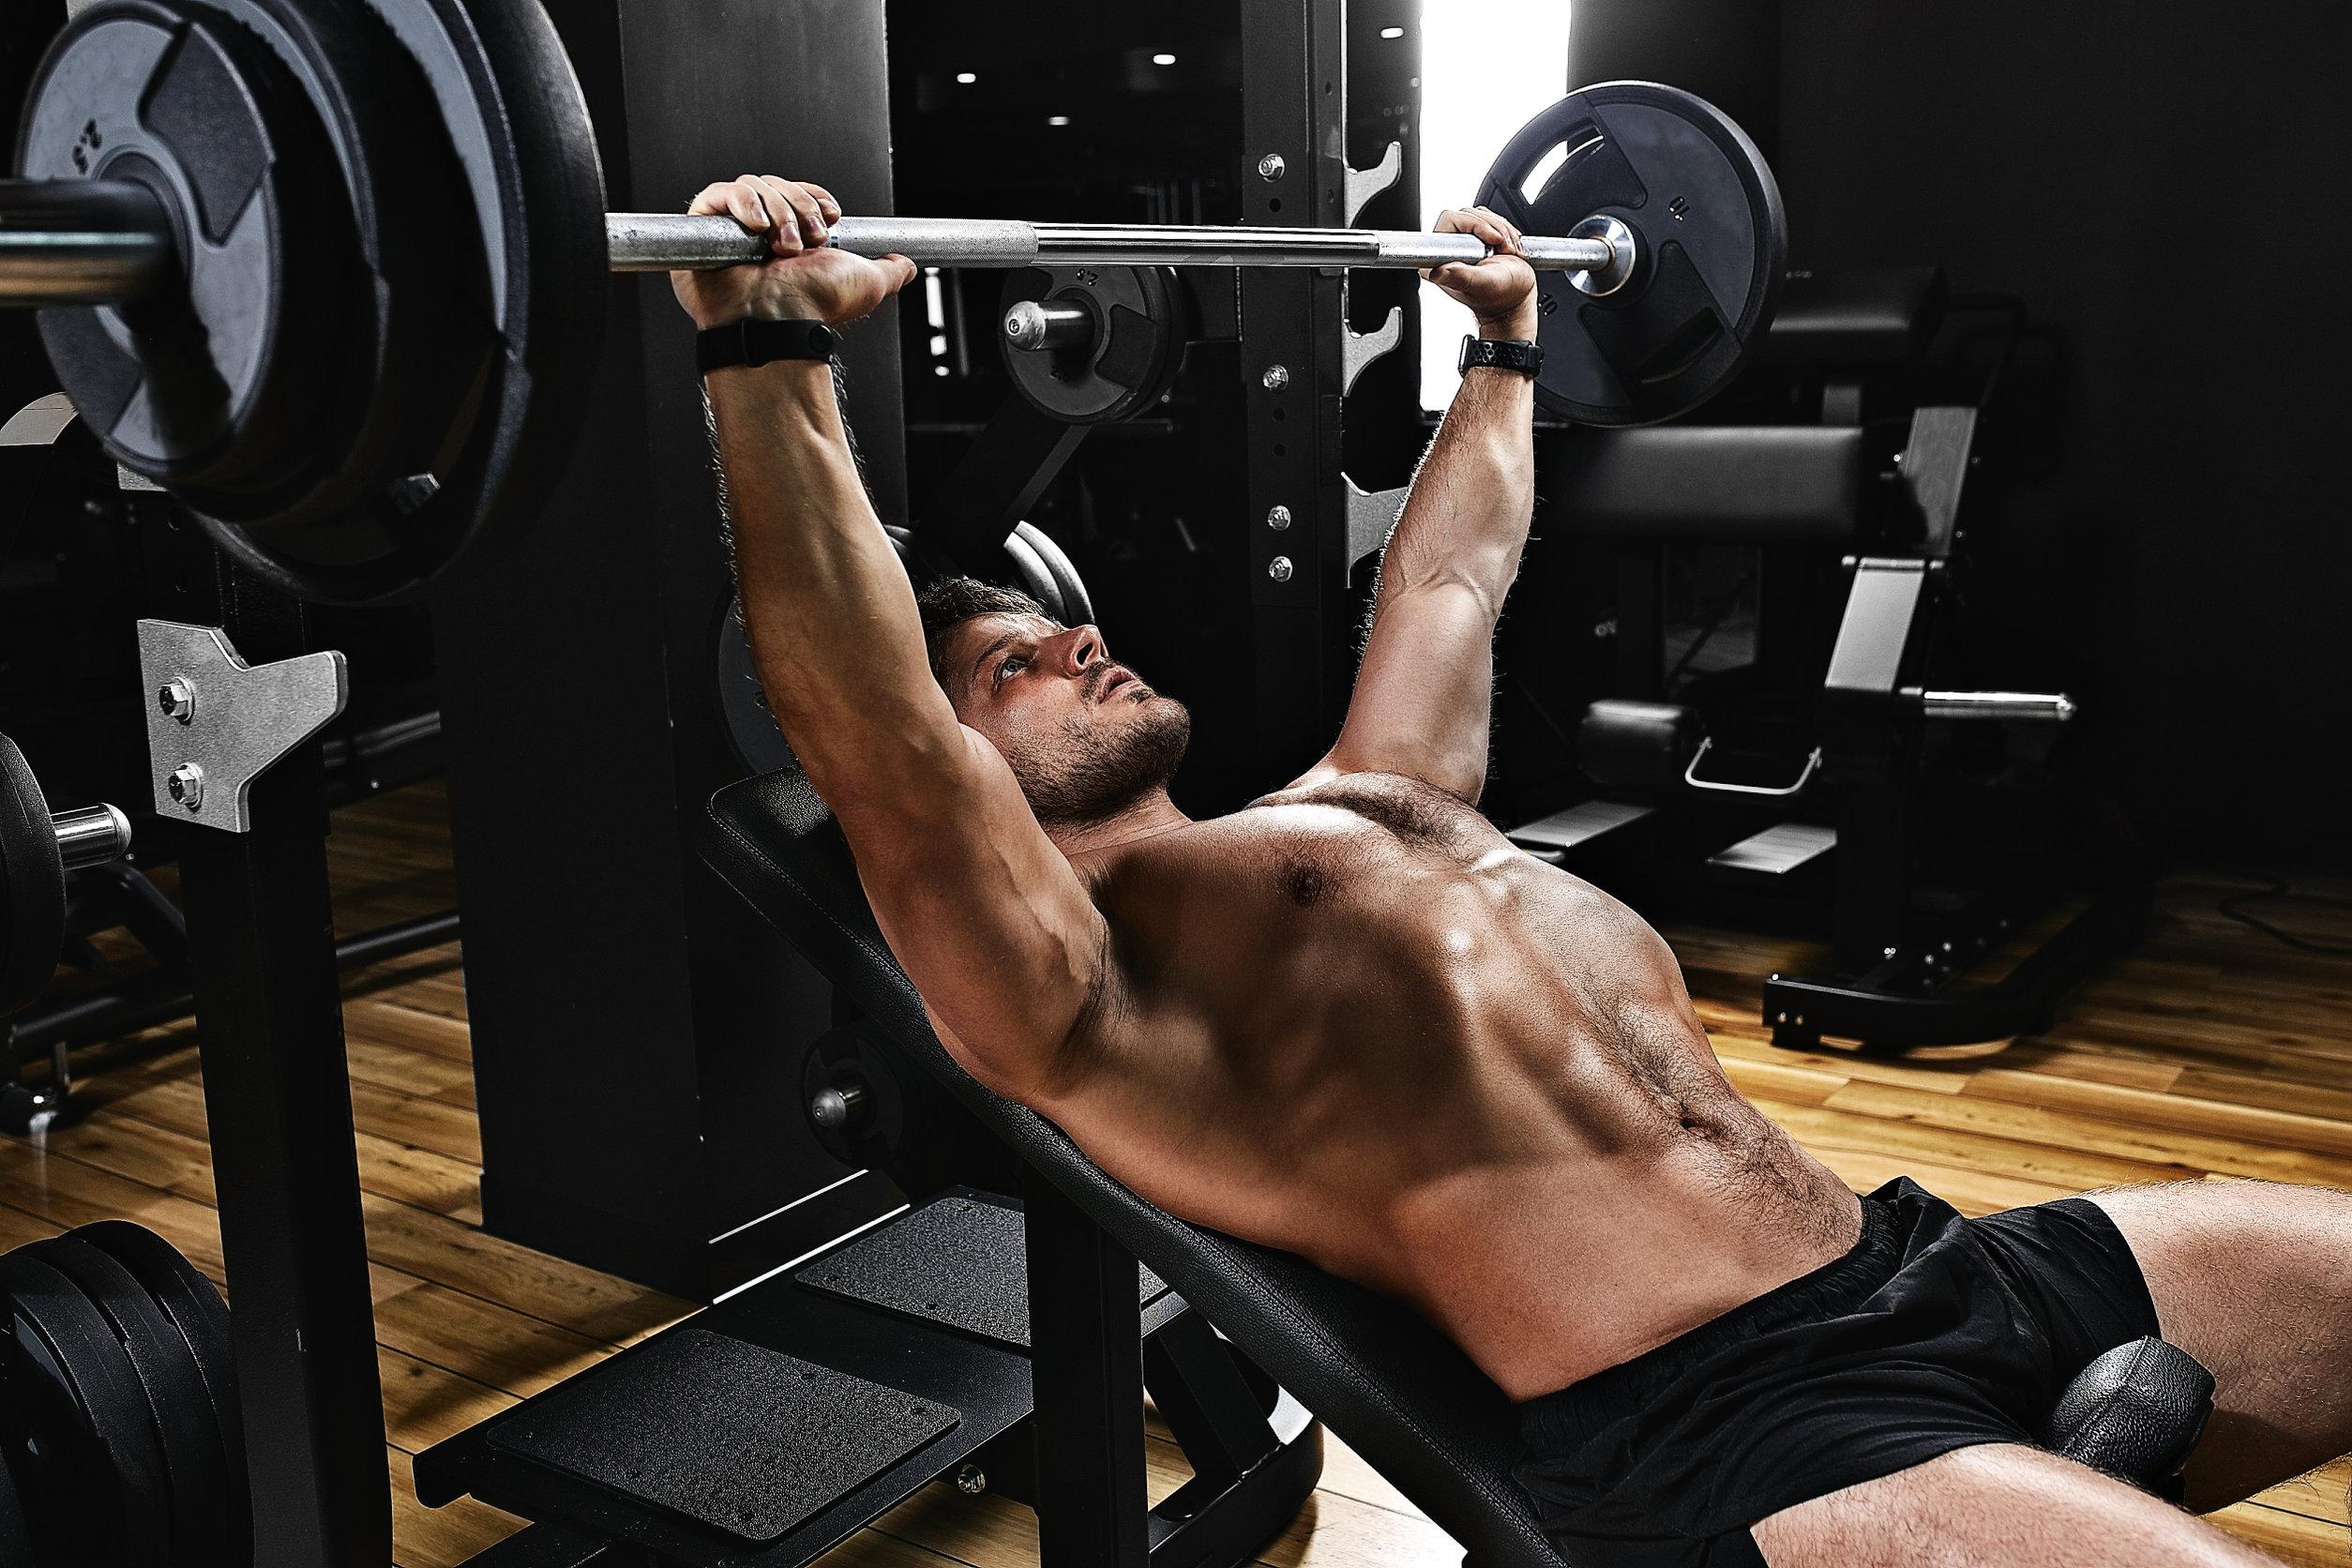 apuesto joven haciendo ejercicio de press de banca en el gimnasio